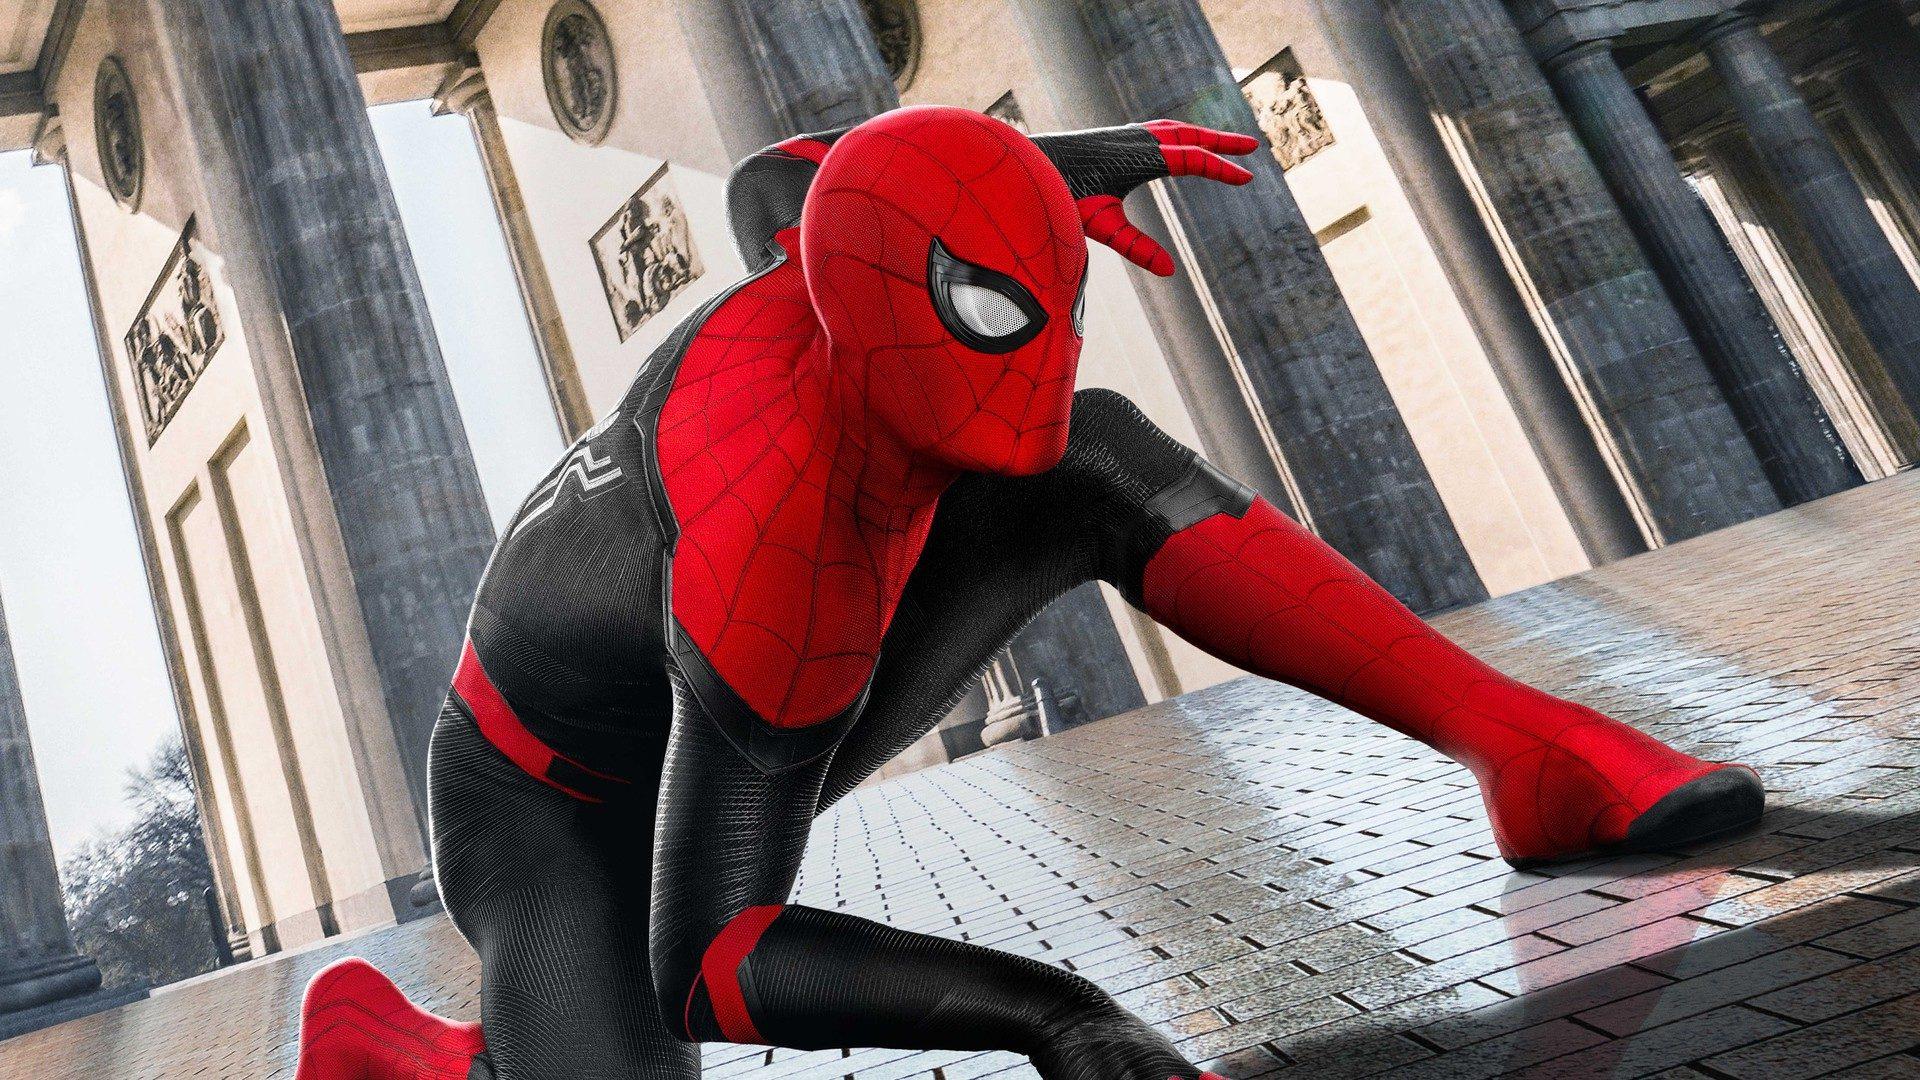 Globo vai exibir o filme Homem Aranha na Sessão da Tarde (Foto: Reprodução)